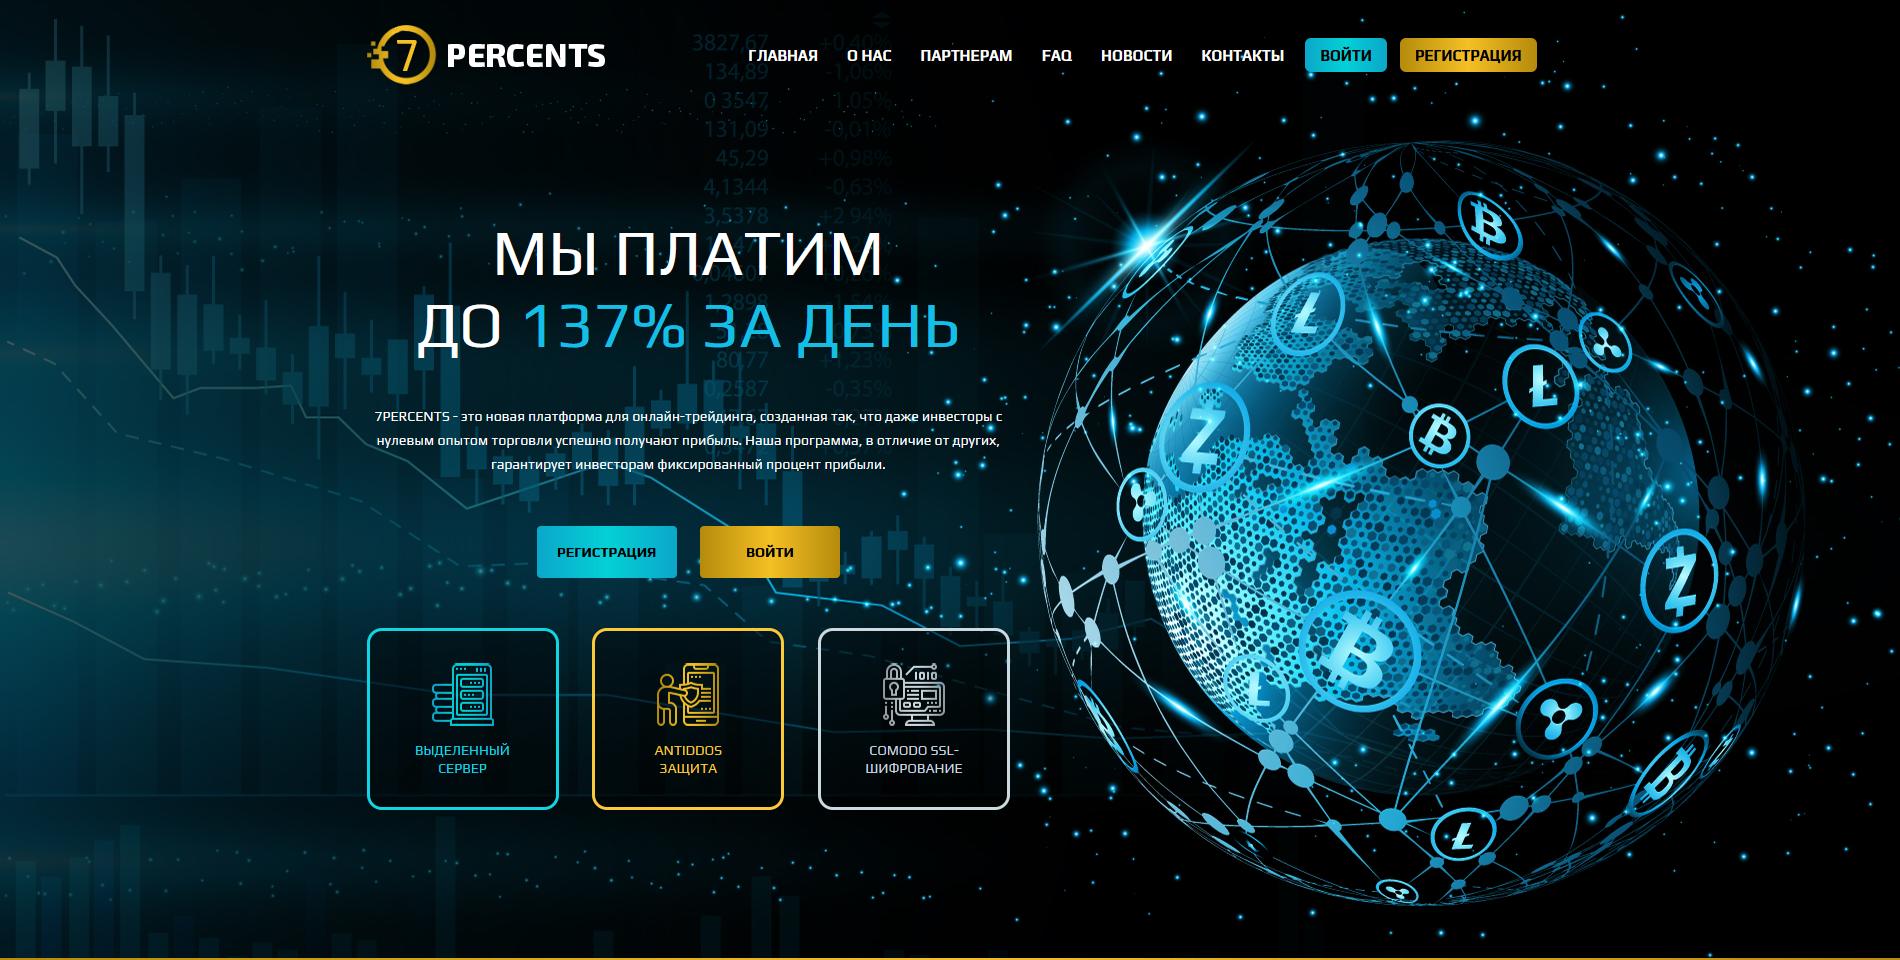 7percents